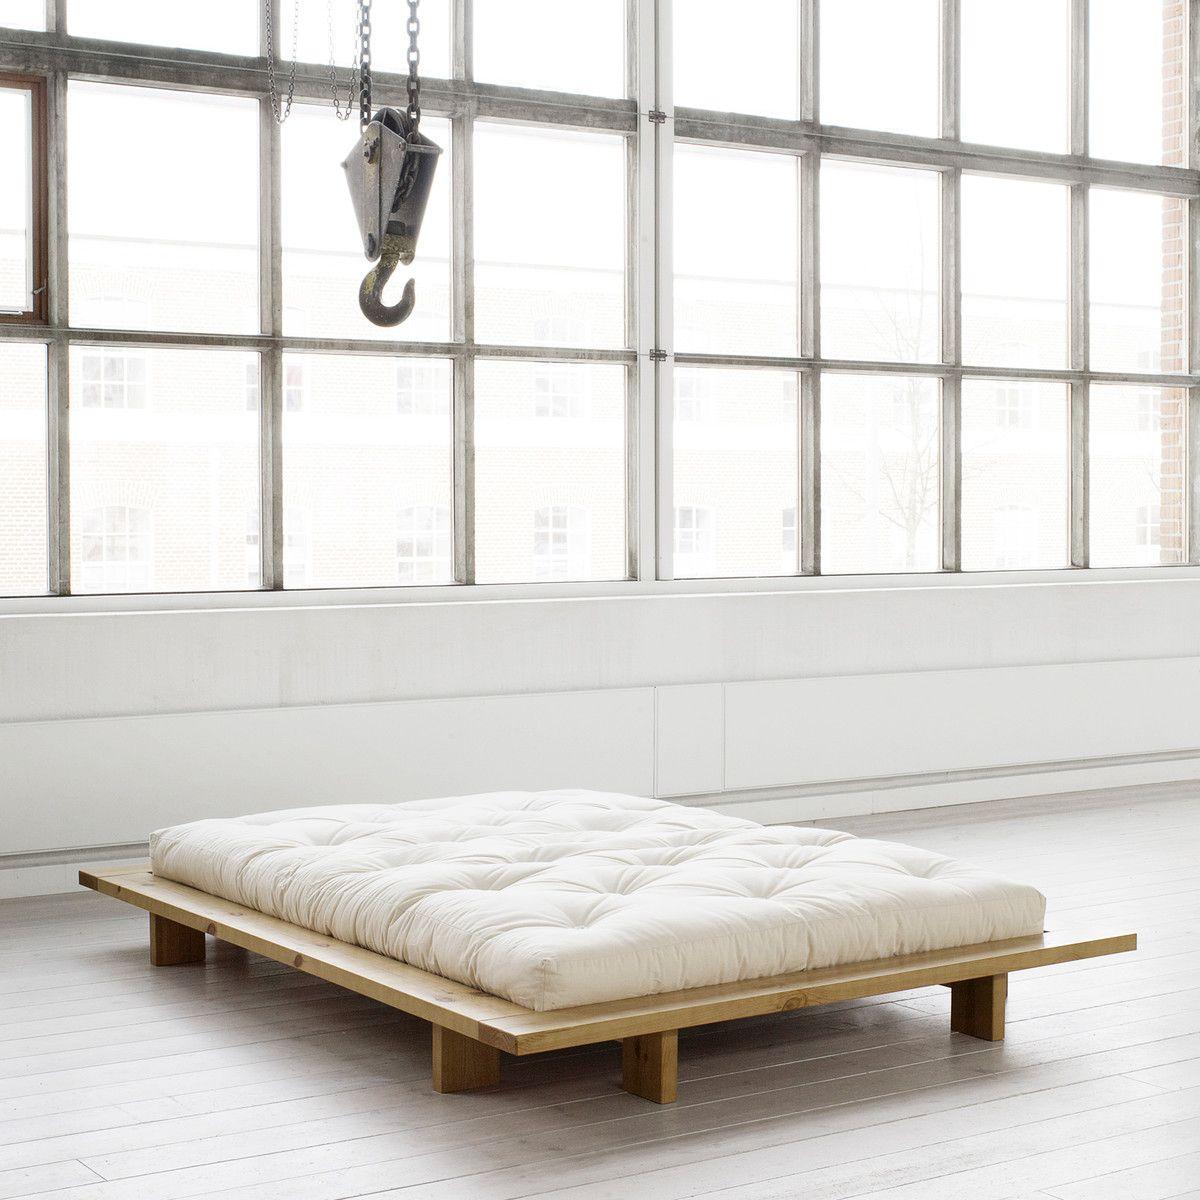 Full Size of Japan Bett Von Karup In Honey Minimalistbedroom Schlafzimmer Weiß 120x200 Prinzessin Mit Schubladen 90x200 Betten Massivholz Leander Mädchen Stauraum Bett Japanisches Bett